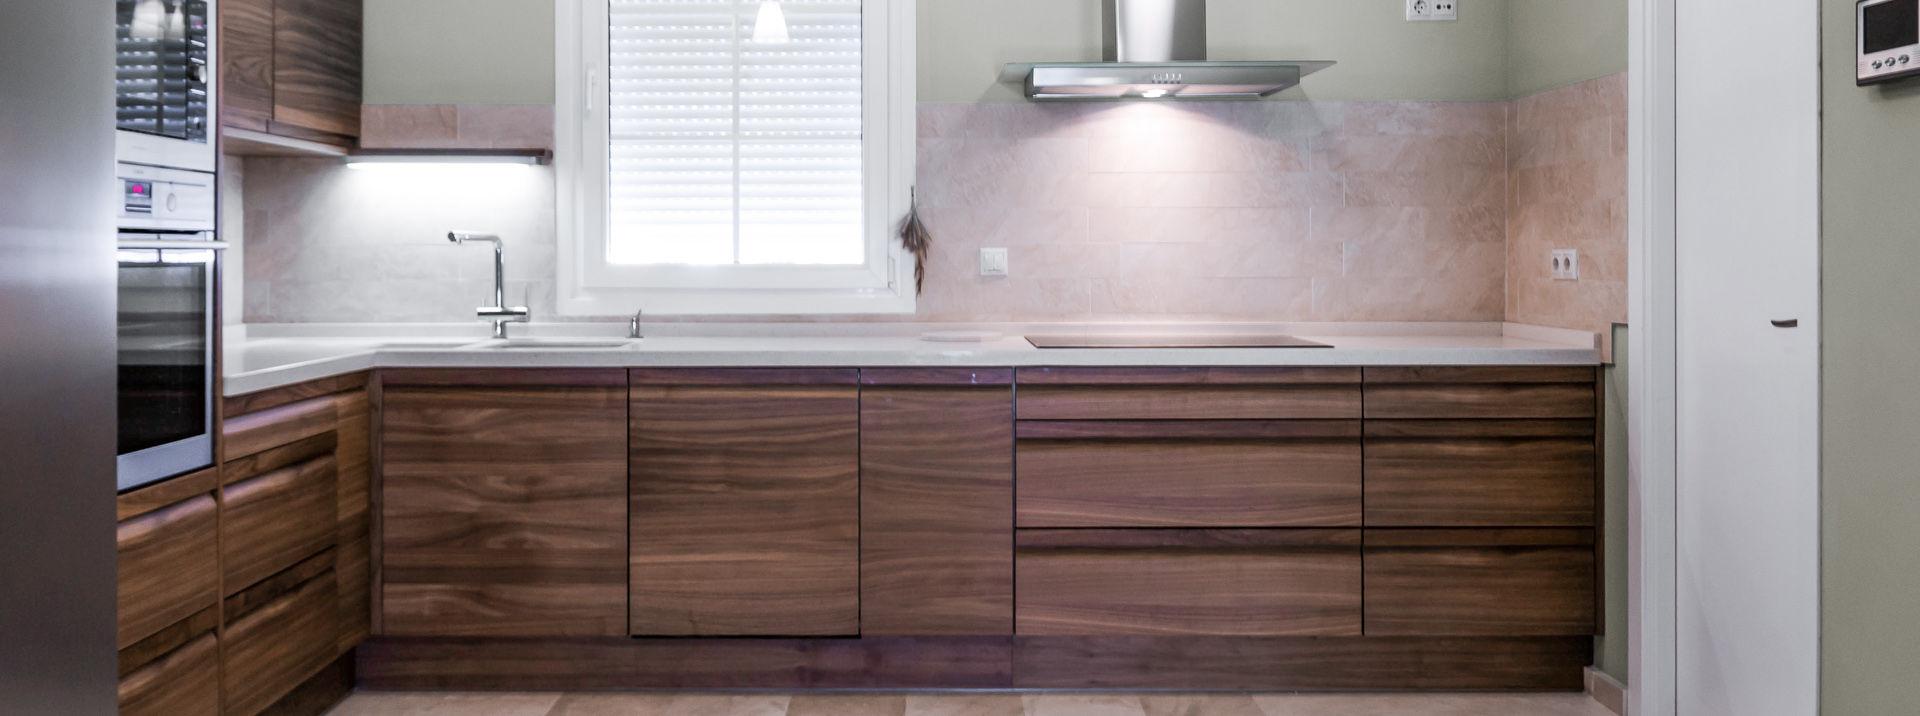 Nordic Muebles - Kitchens - Modern - Salzburgo